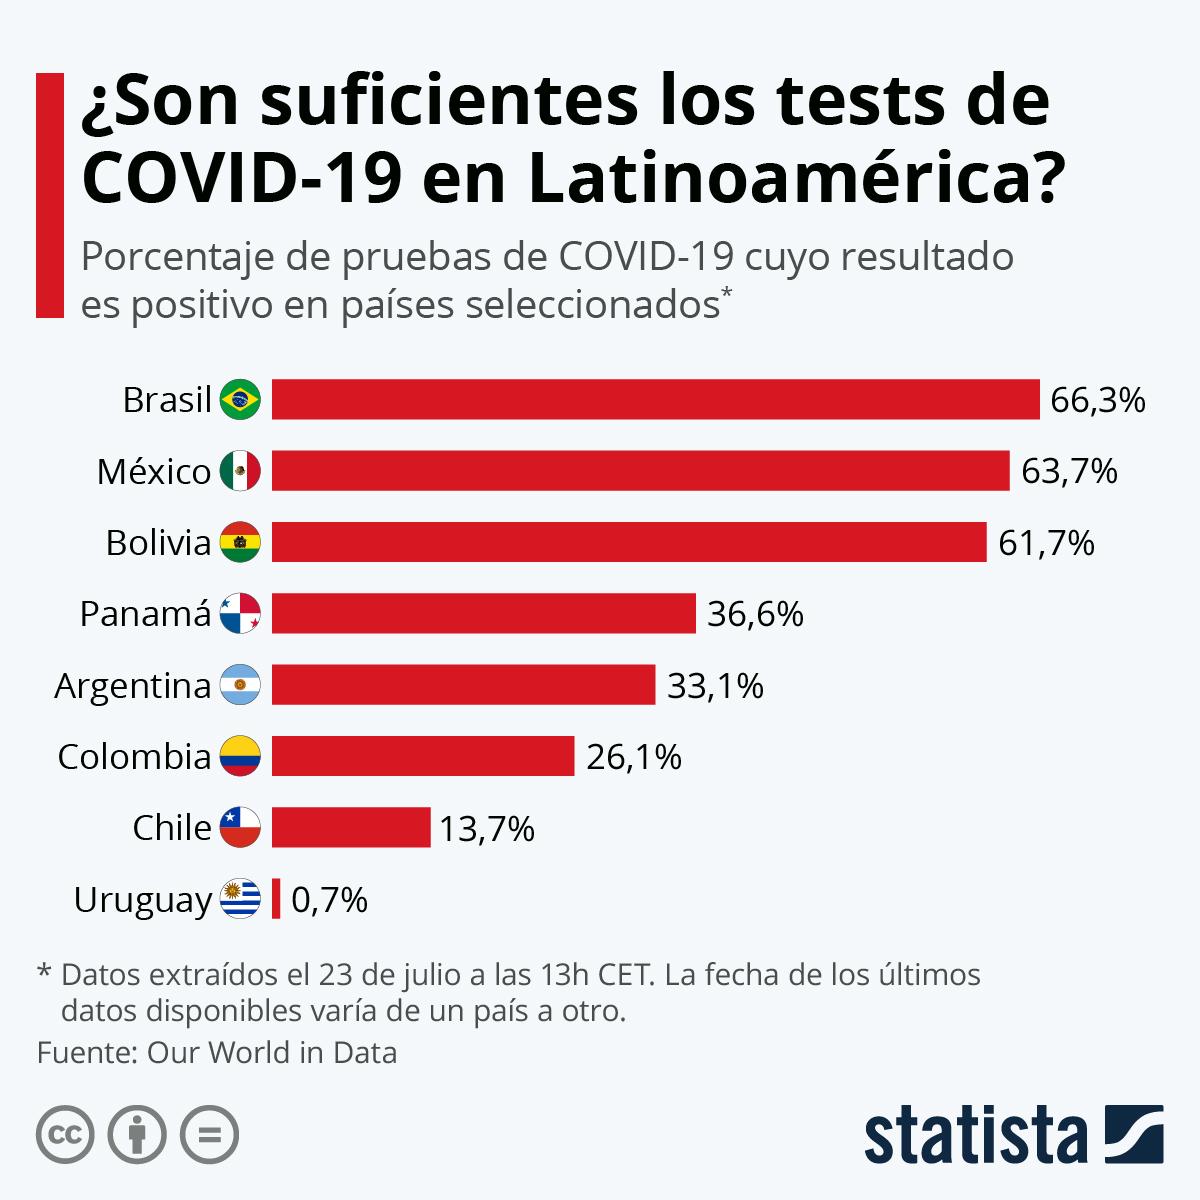 Infografía: Más de la mitad de los tests de COVID-19 en México y Brasil dan positivo | Statista